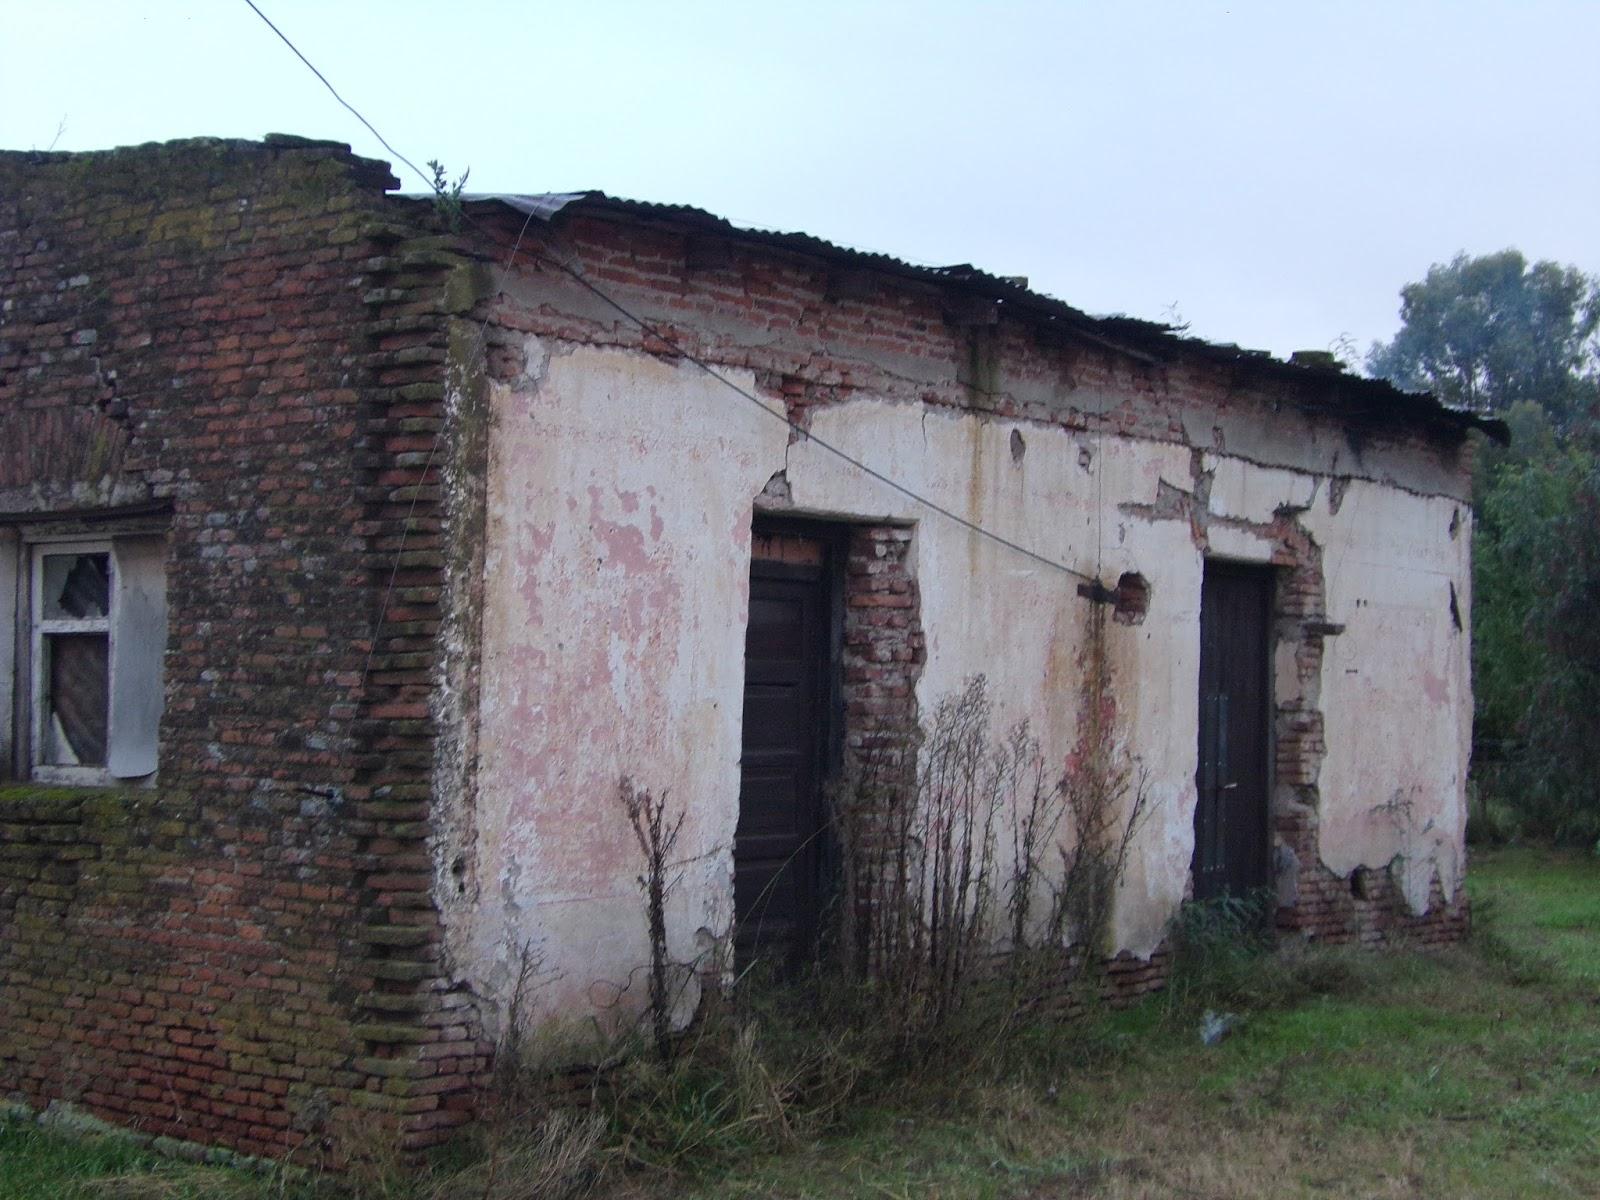 Historias Con Pueblos: CASAS ANTIGUAS DE SALDUNGARAY